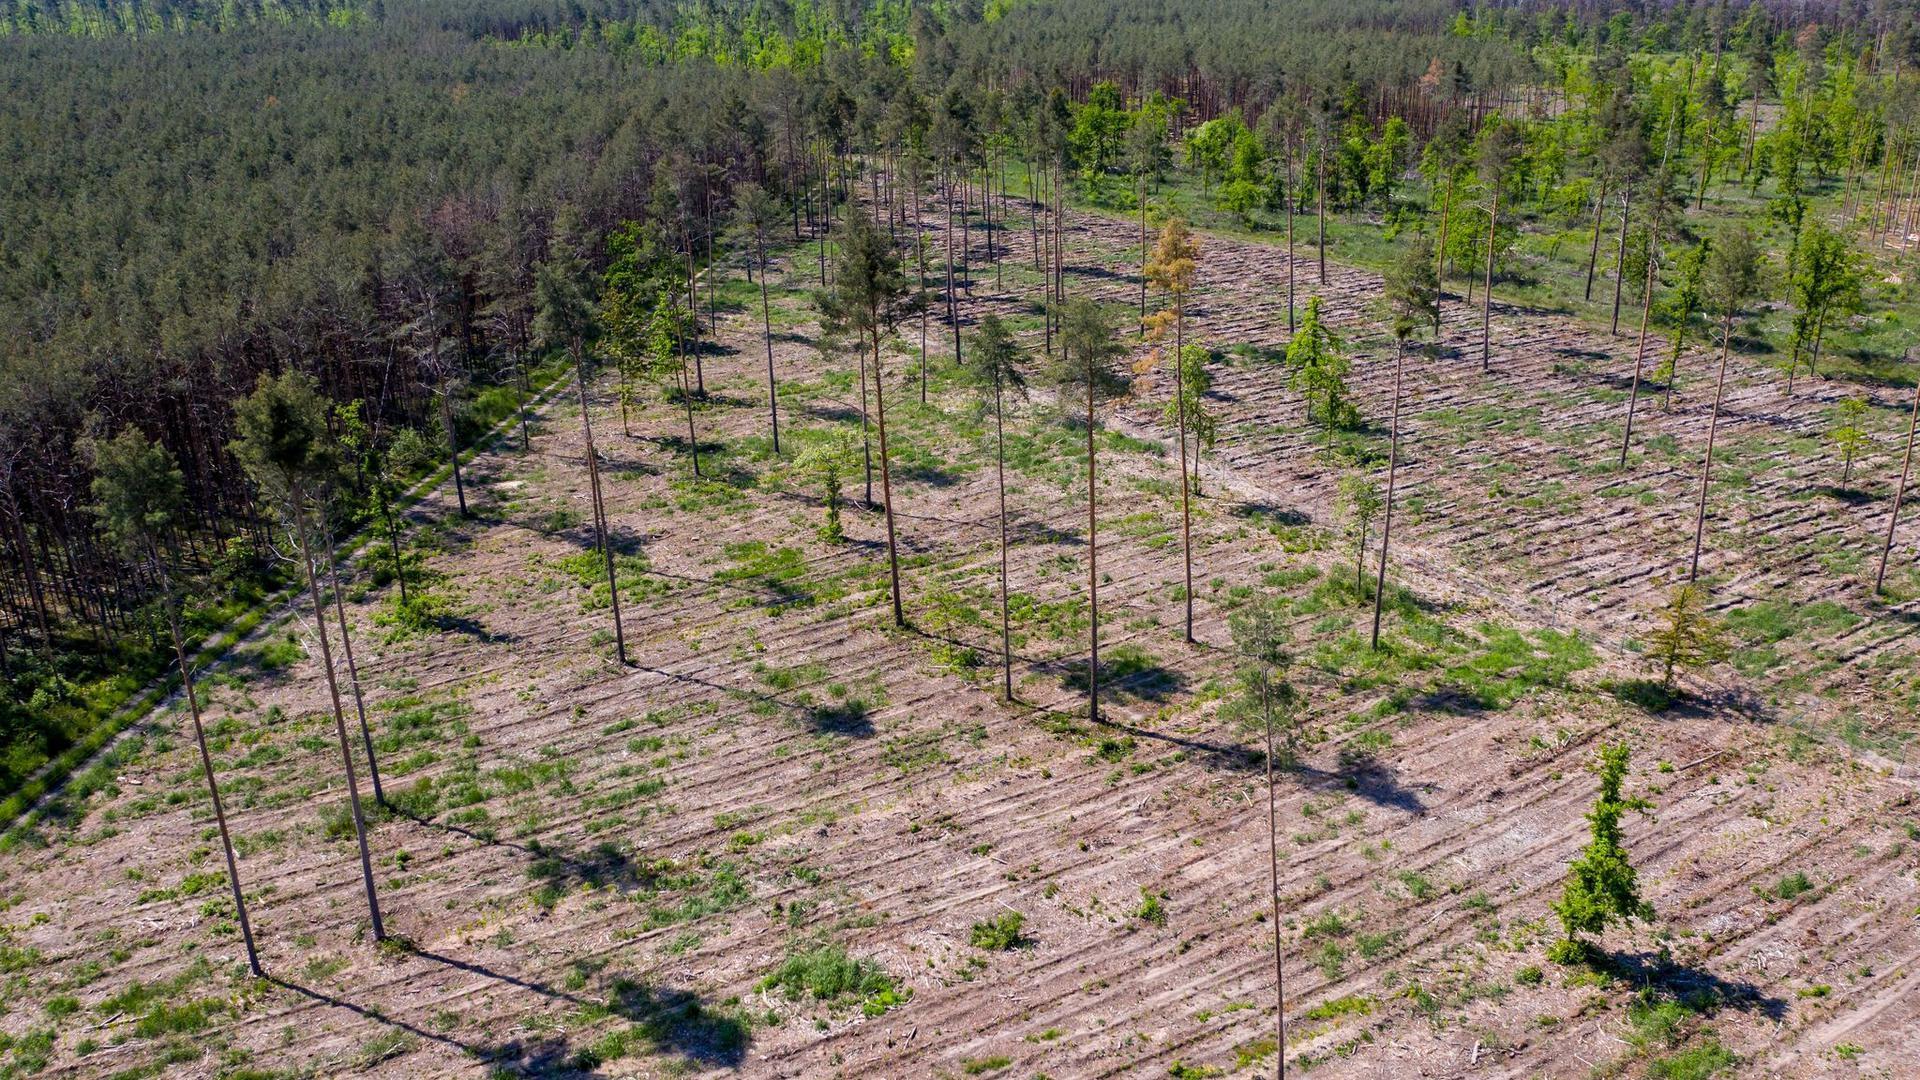 Nur noch einige Bäume stehen auf den bereits mit neuen Sämlingen wieder aufgeforsteten, geschädigten Waldgebieten in Sachsen-Anhalt. Deutschlands Wälder sind in einem so schlechten Zustand wie seit Jahrzehnten nicht (Symbolbild).